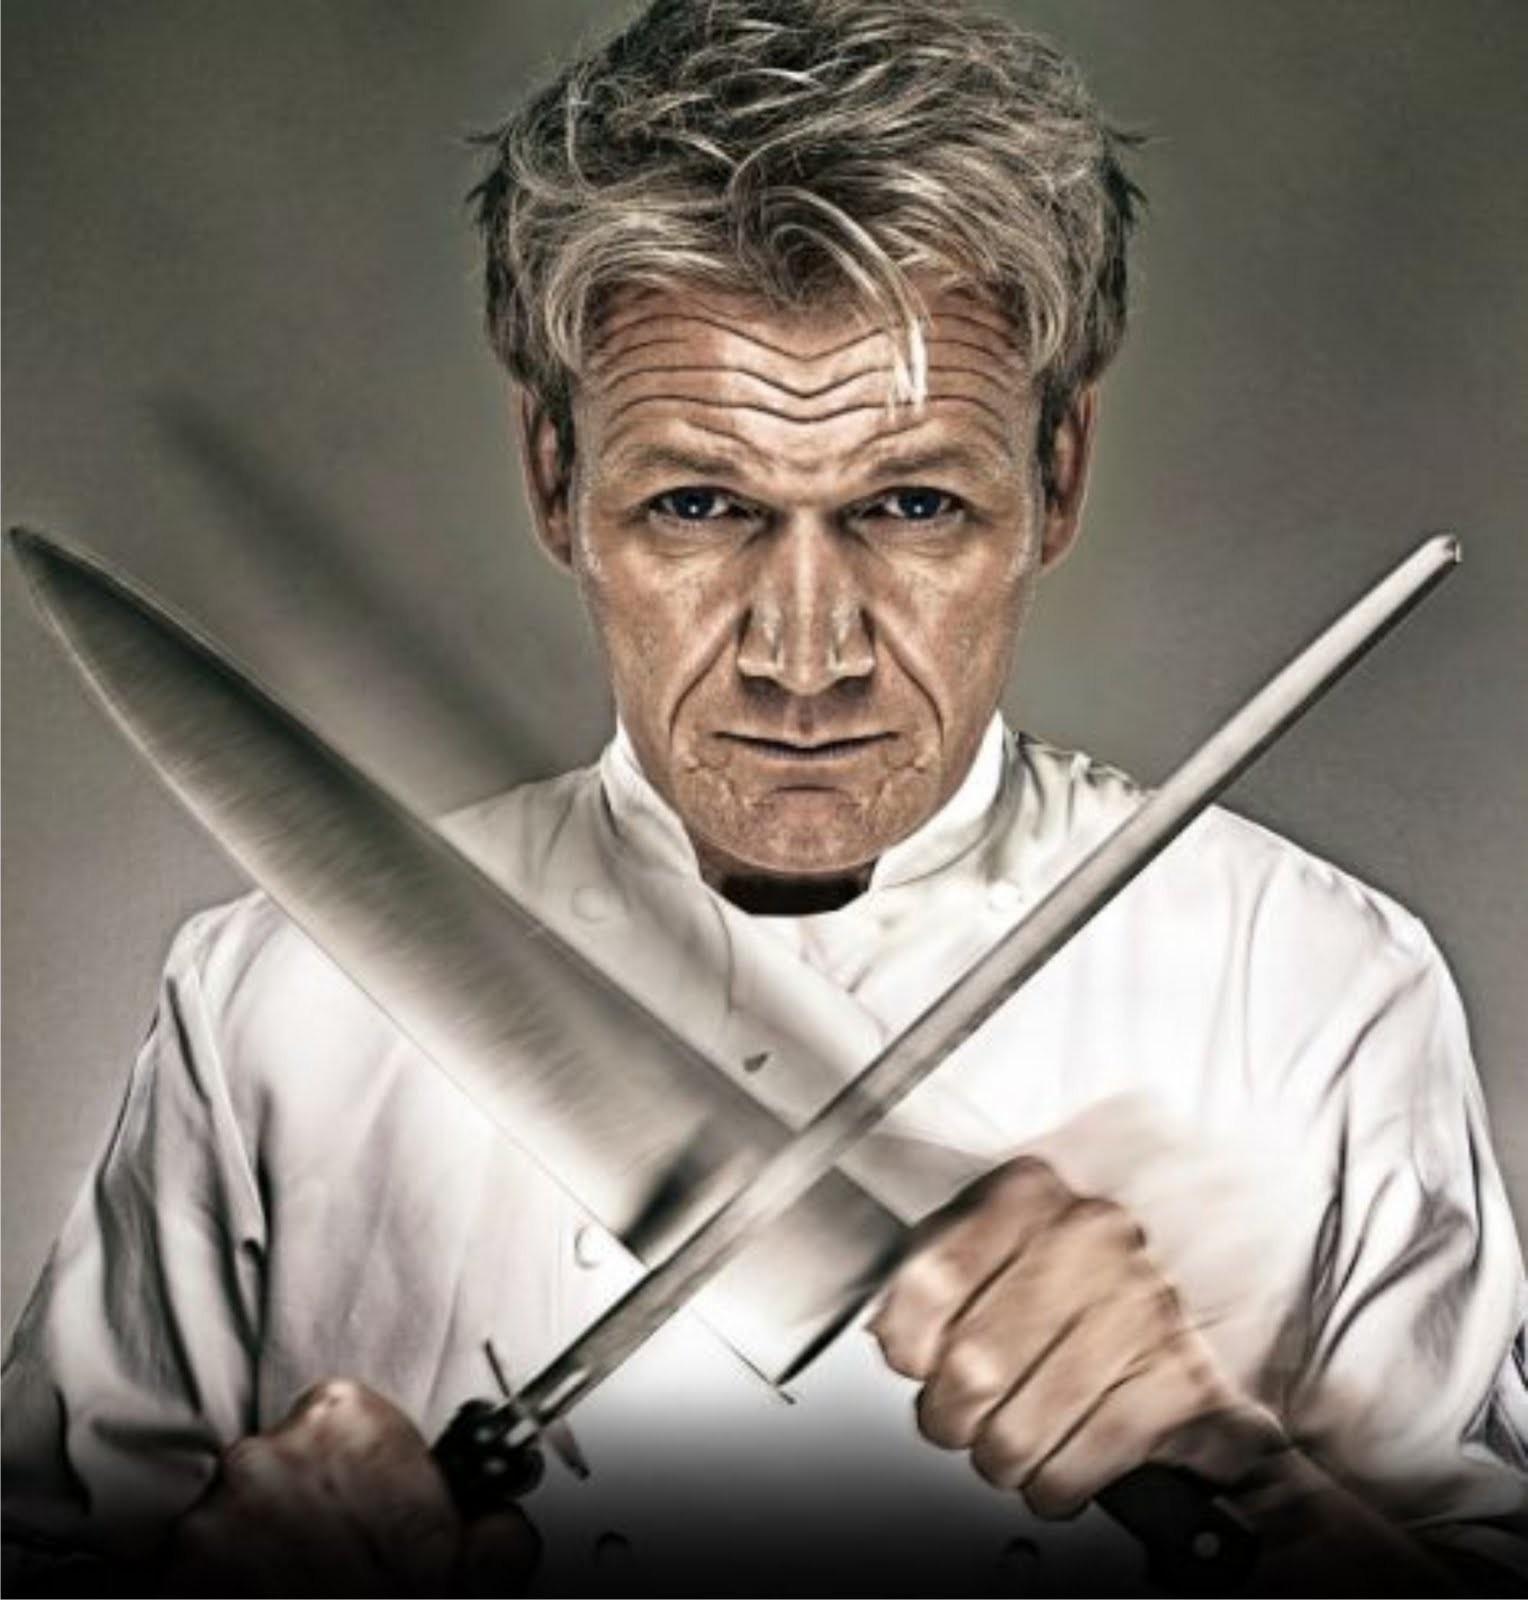 Gordon Ramsay Pesadilla en la cocina